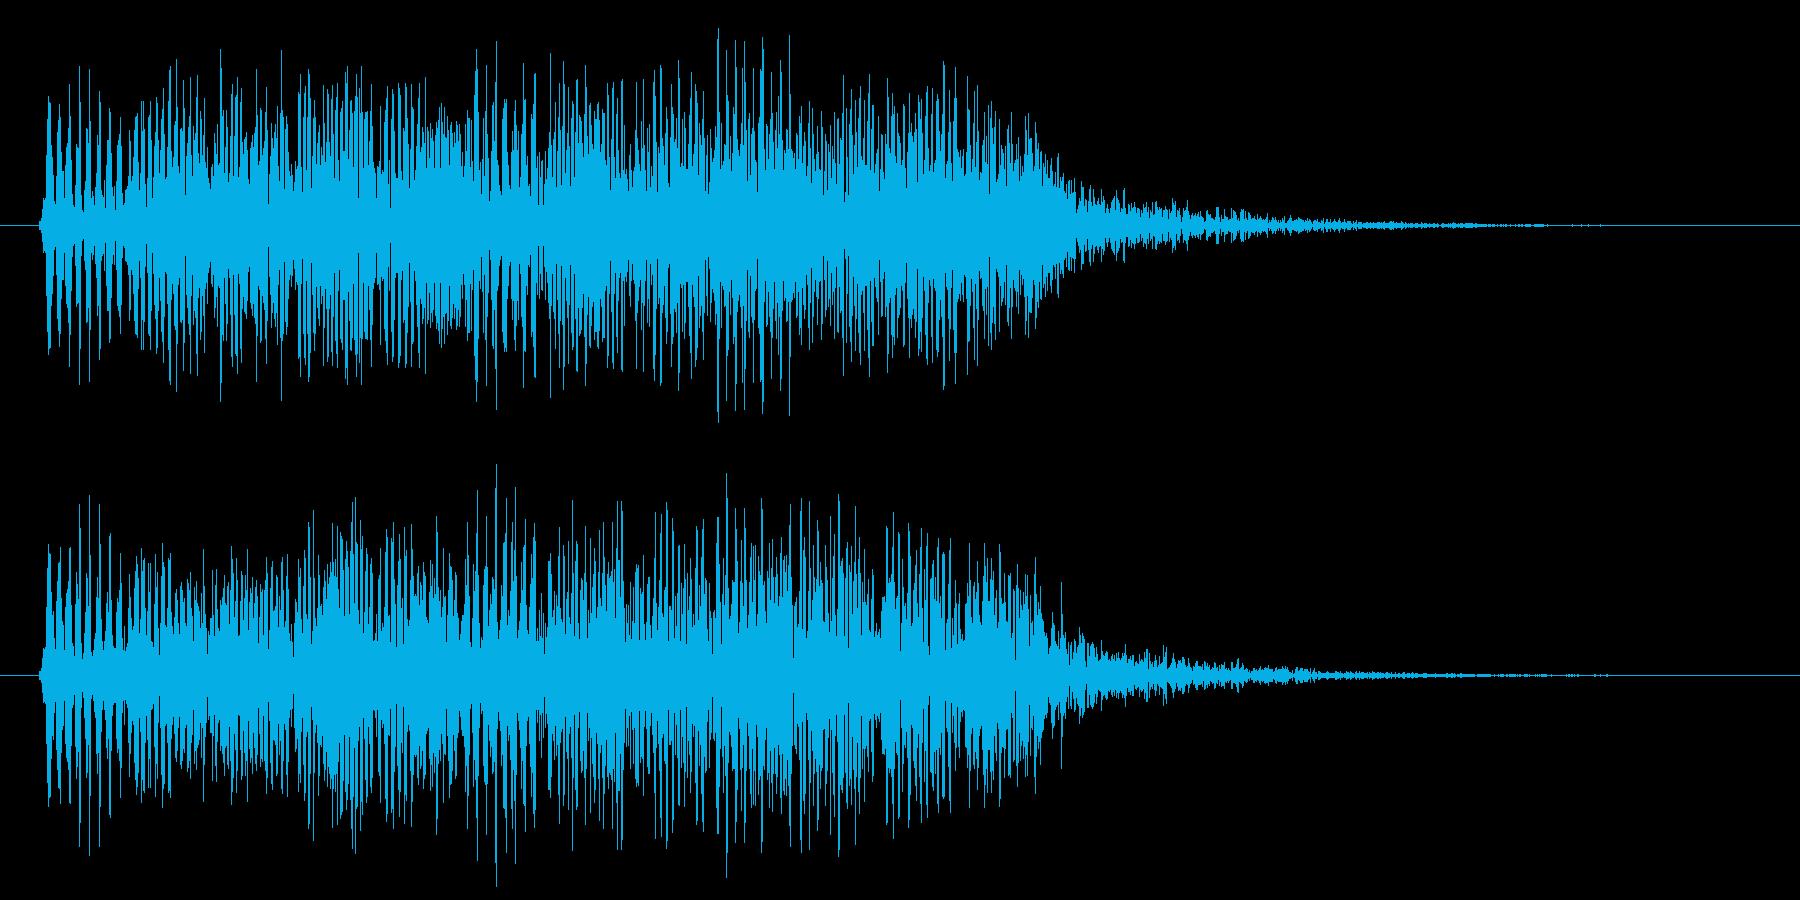 ぶわわ パワーダウン ぼわ 低音の再生済みの波形